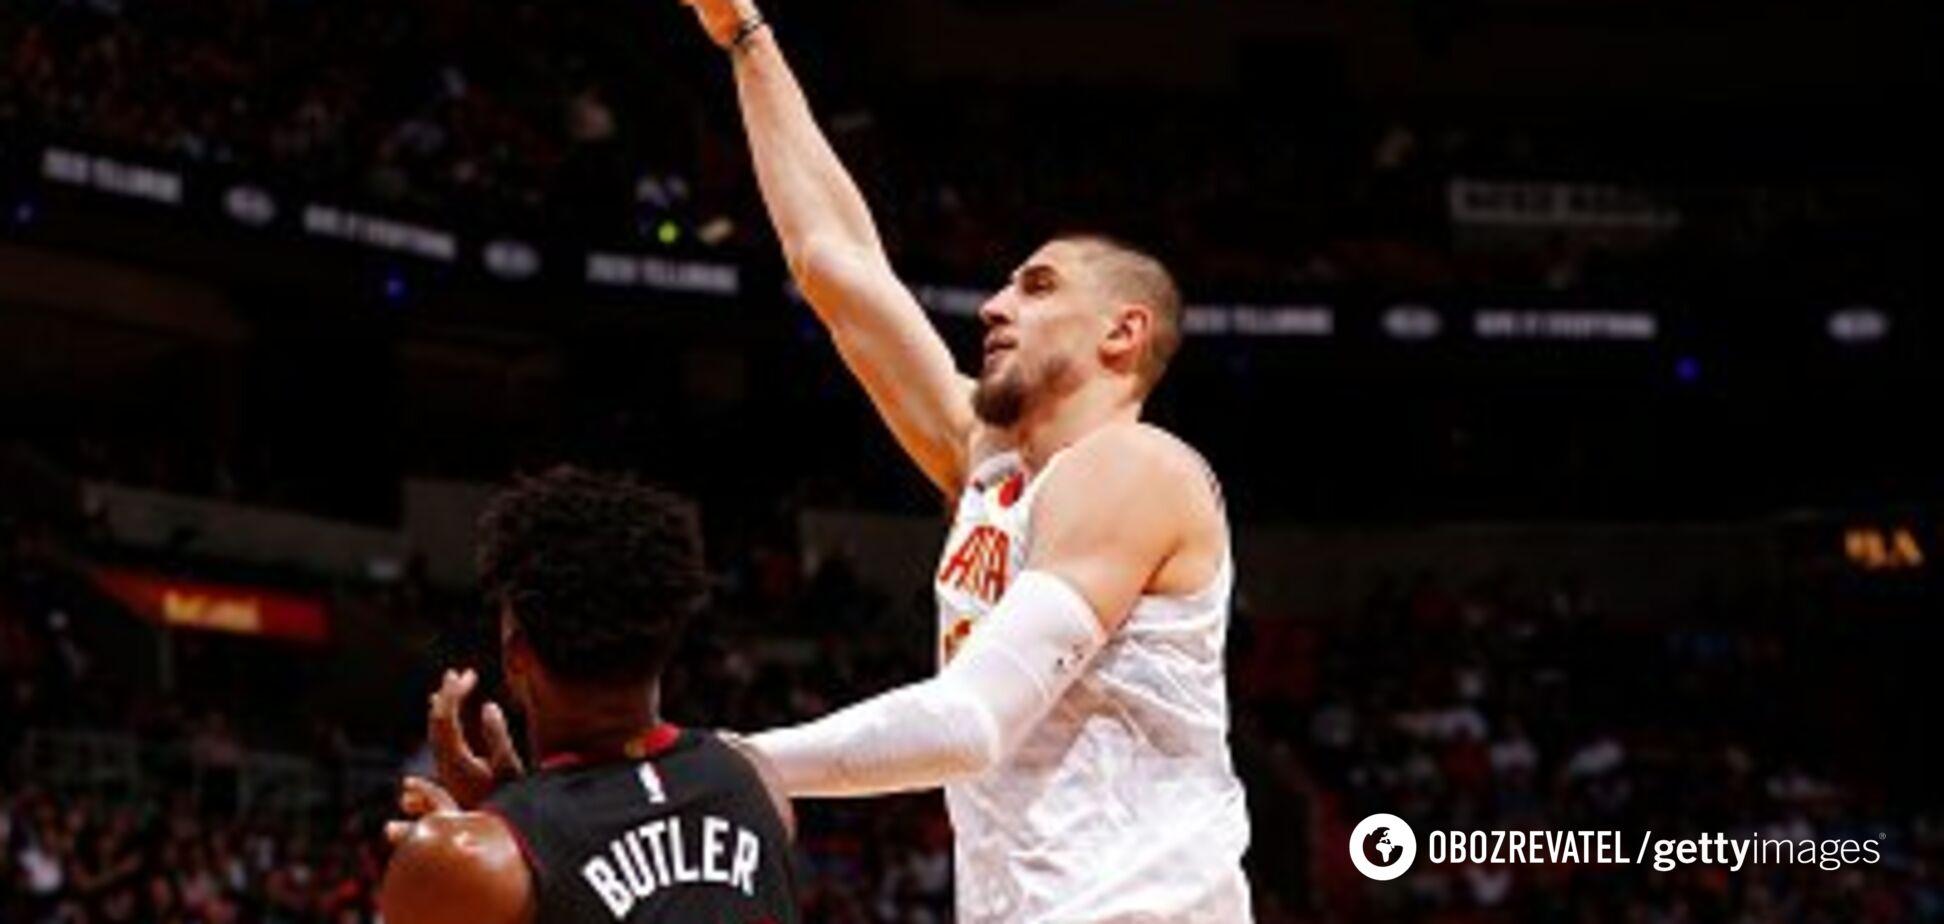 Українець Лень провів драматичний матч у НБА